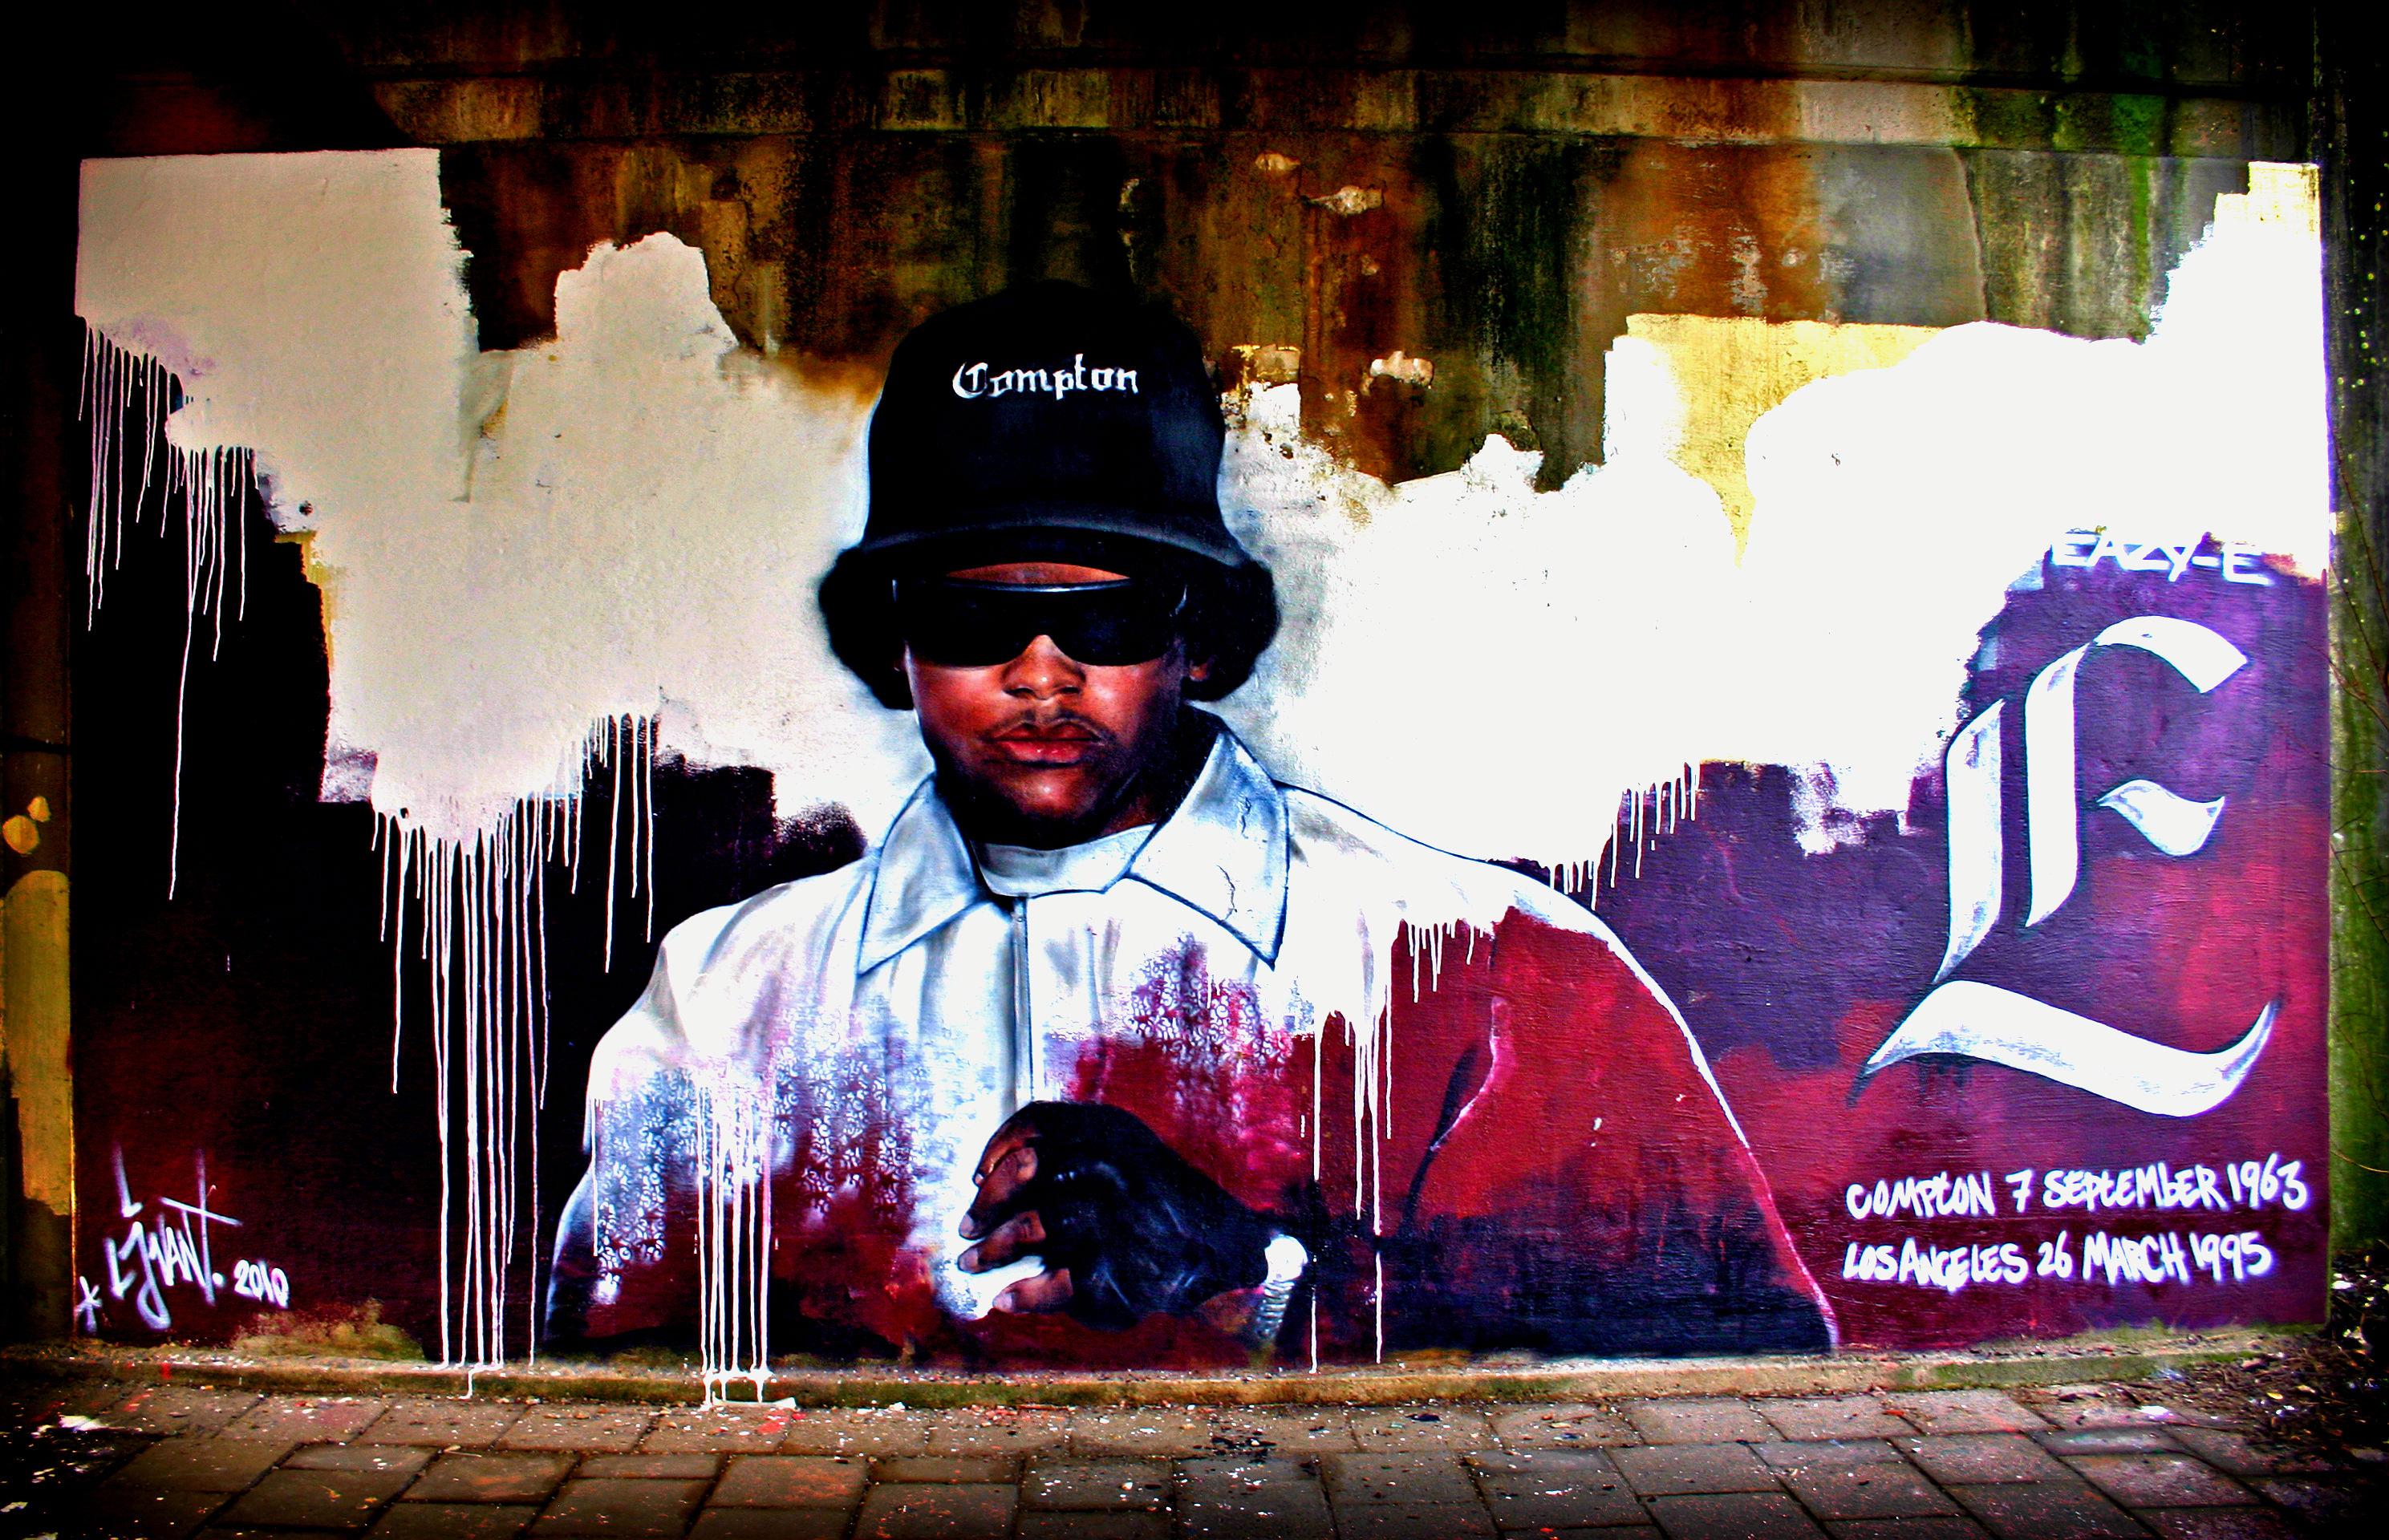 eazy e nwa gangsta rapper rap hip hop eazy e graffiti f